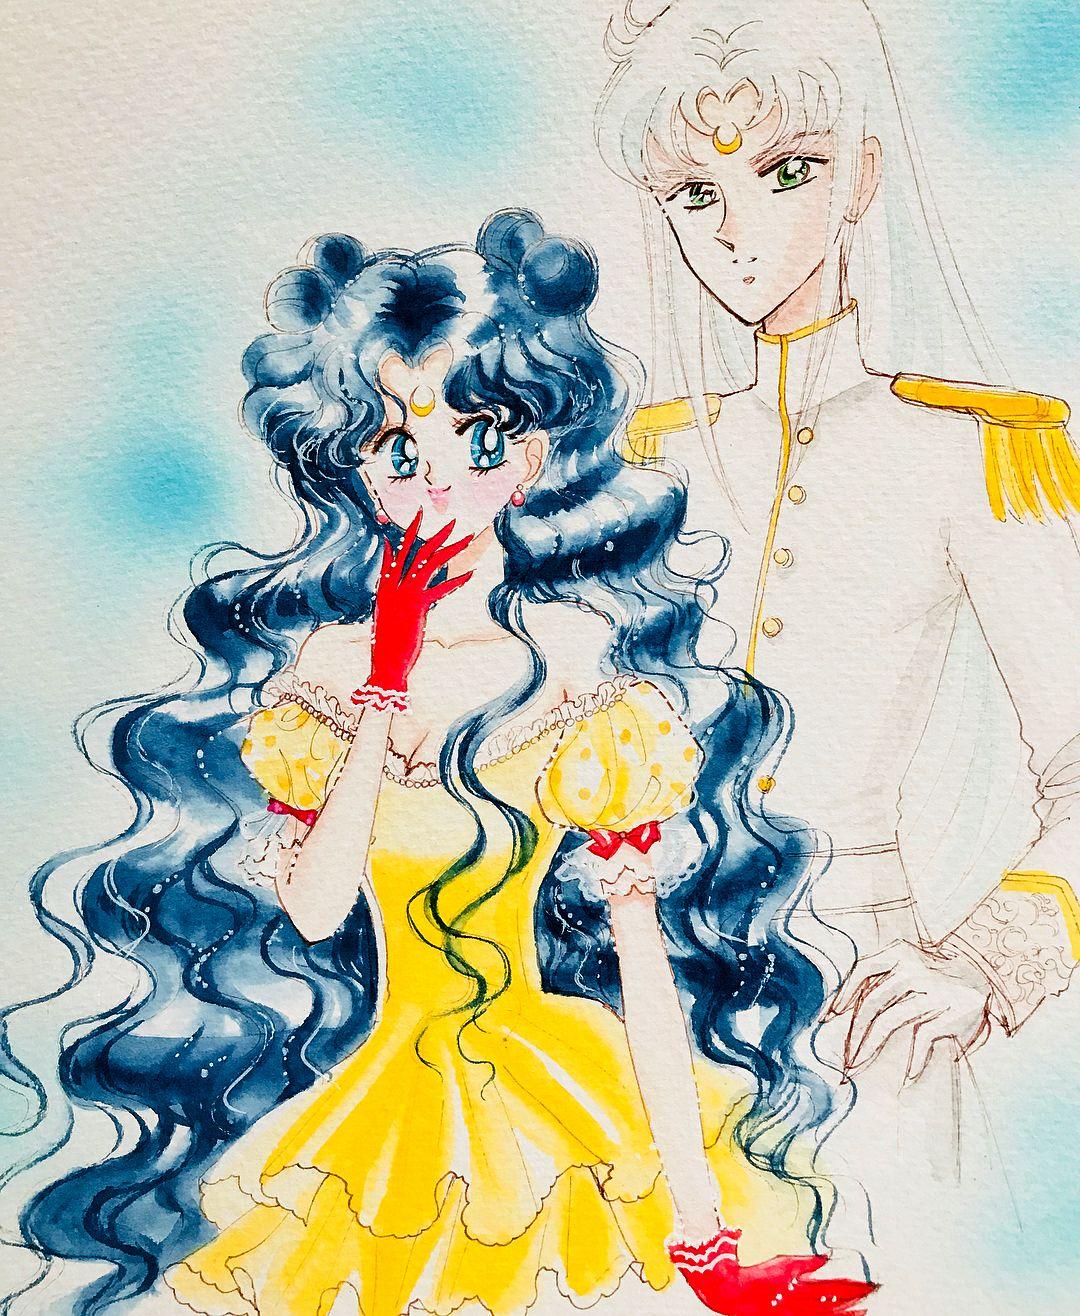 Luna Artemis Sailormoon 美少女戦士セーラームーン セーラームーン